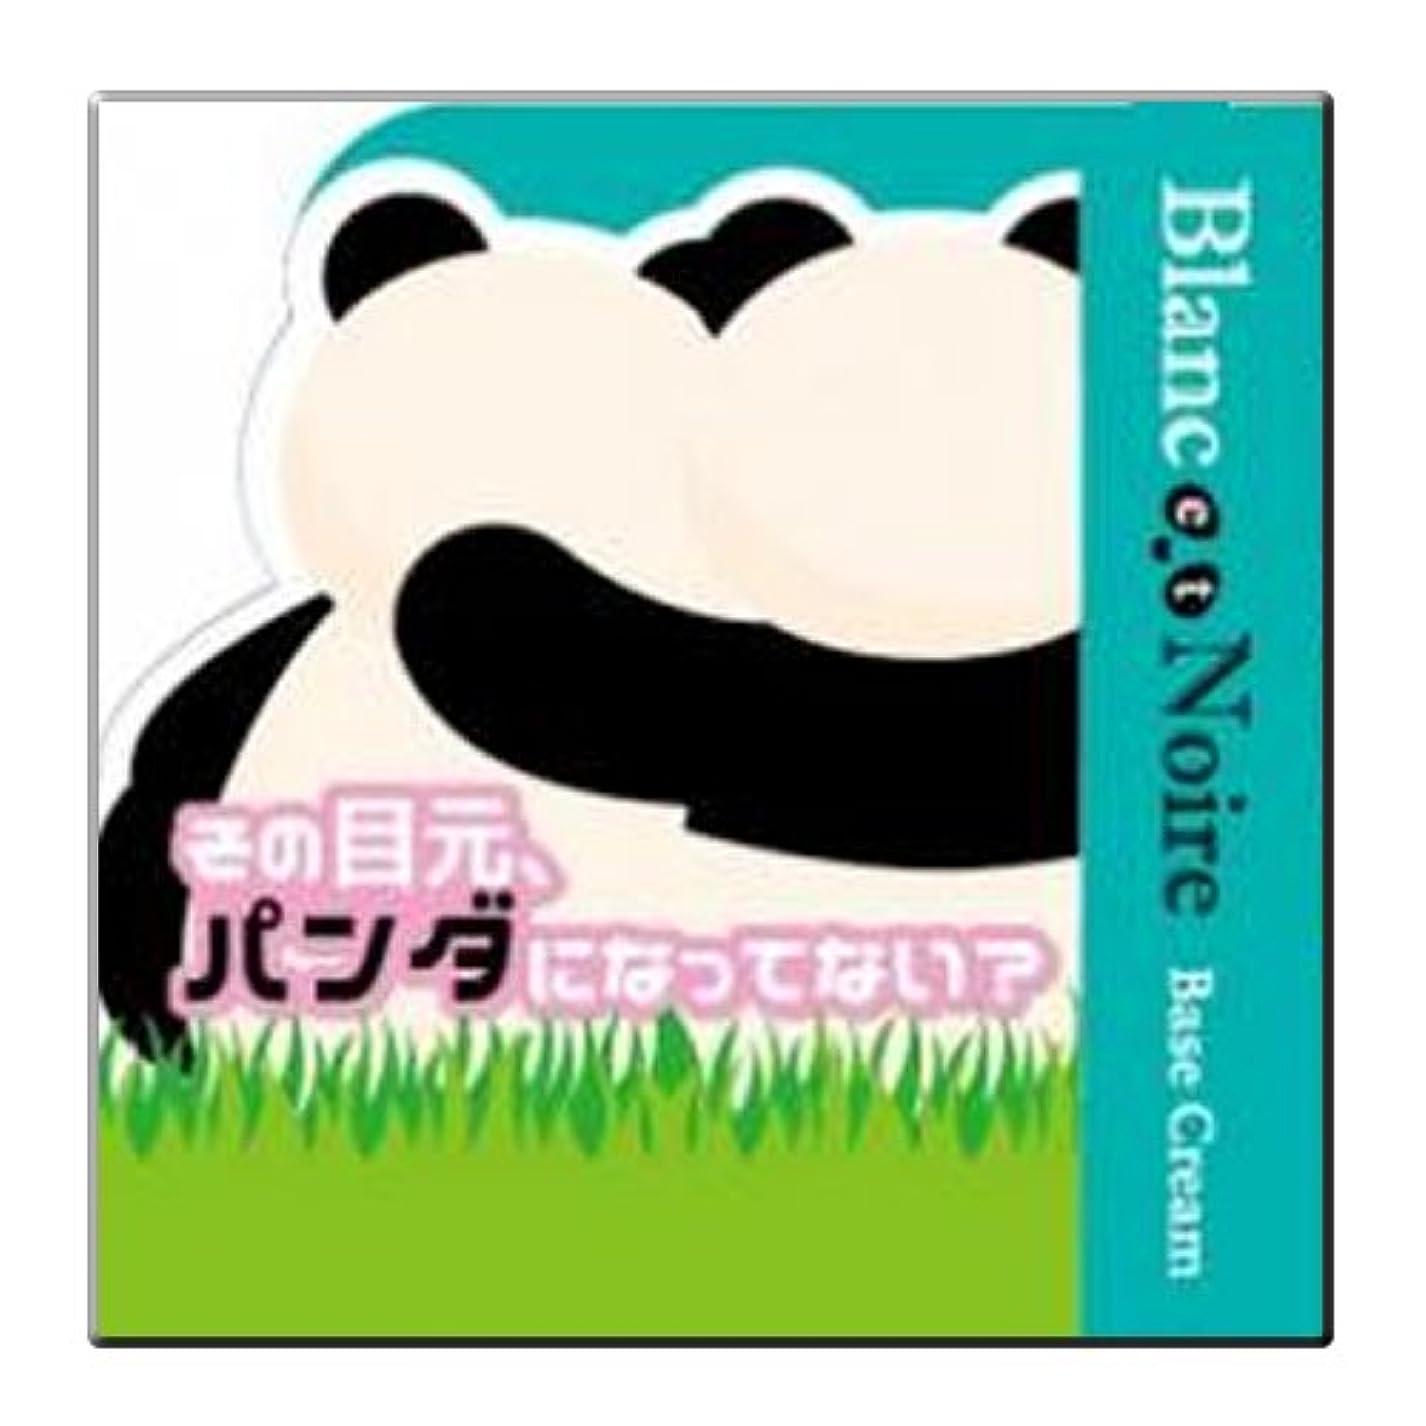 レッスン壁紙間違えたBlanc et Noire(ブラン エ ノアール) Base Cream(ベースクリーム) 薬用美白クリームファンデーション 医薬部外品 15g